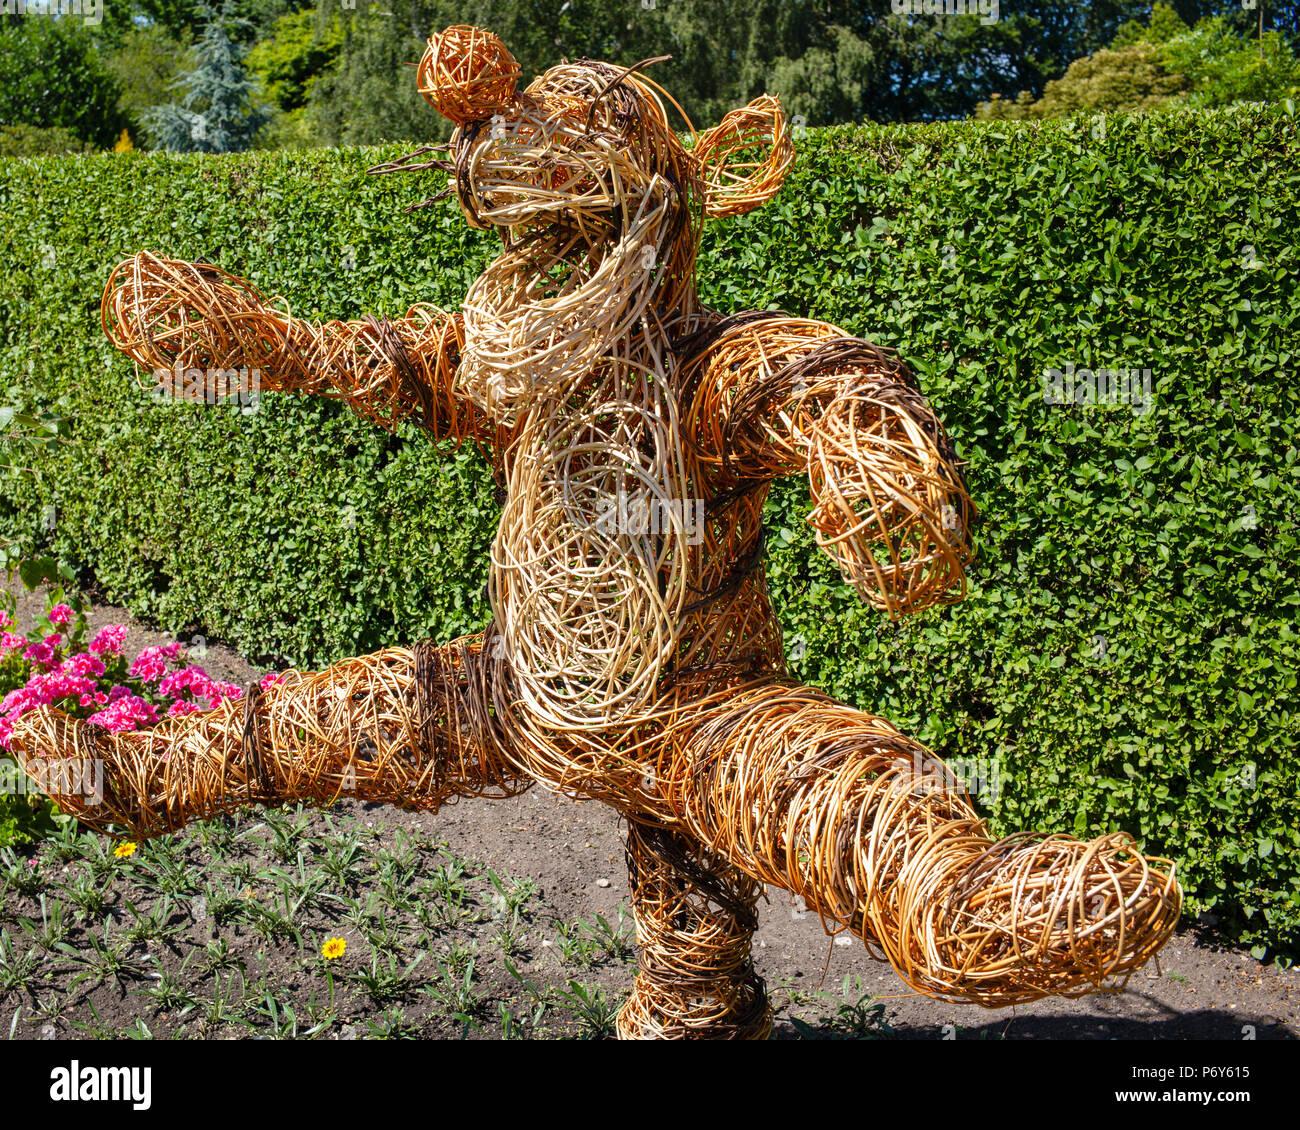 Tigger saltando de alegría después de 80 años de diversión, Homestead Park, York, REINO UNIDO Imagen De Stock